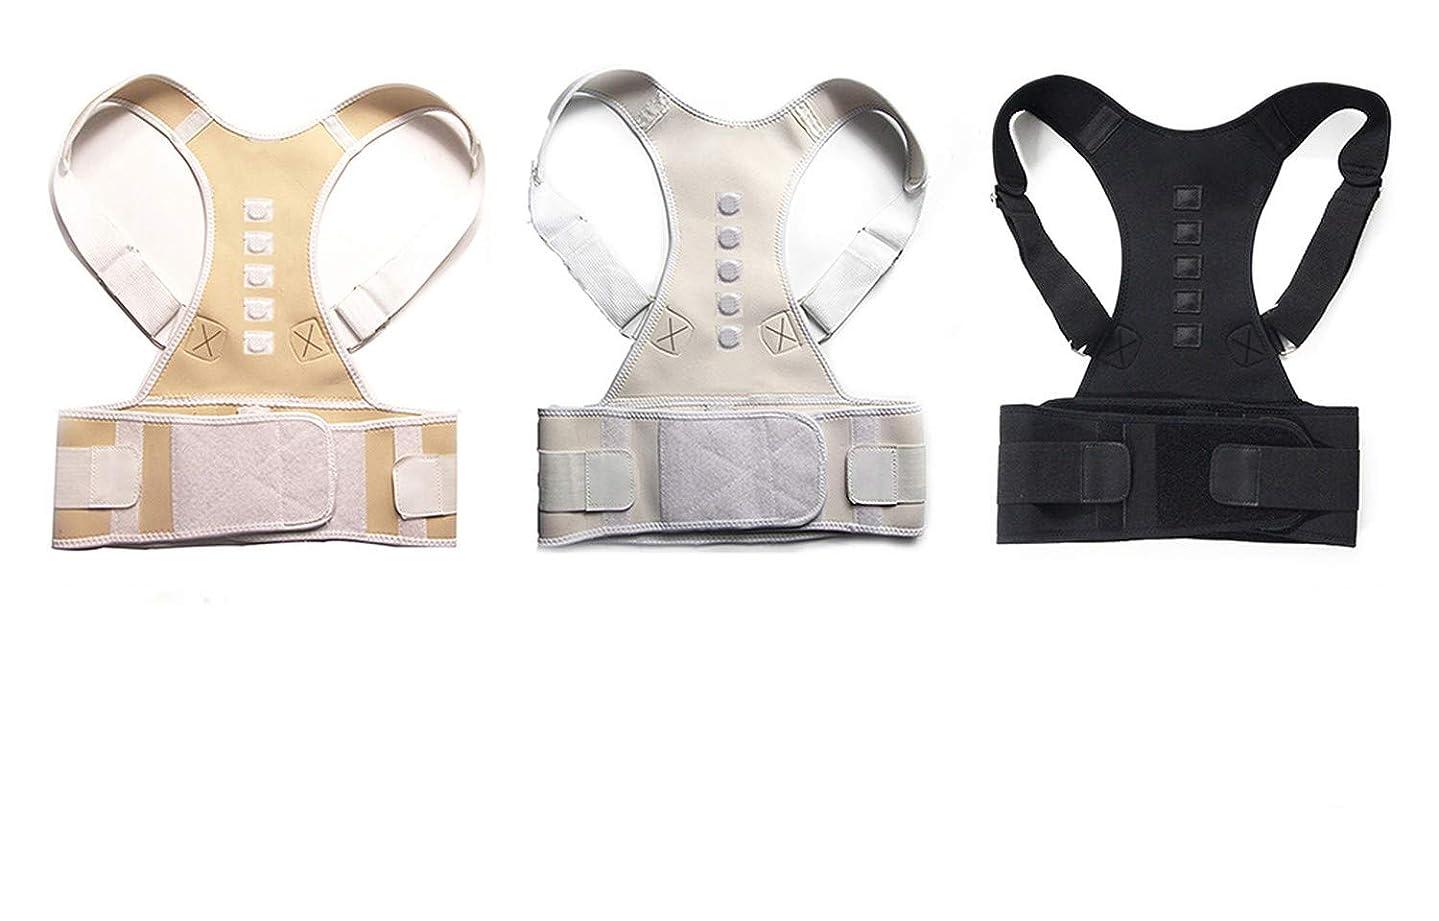 Magnetic Therapy Posture Corrector Brace Shoulder Back Support Belt for Men Women Braces & Supports Belt Shoulder Posture,Beige,M